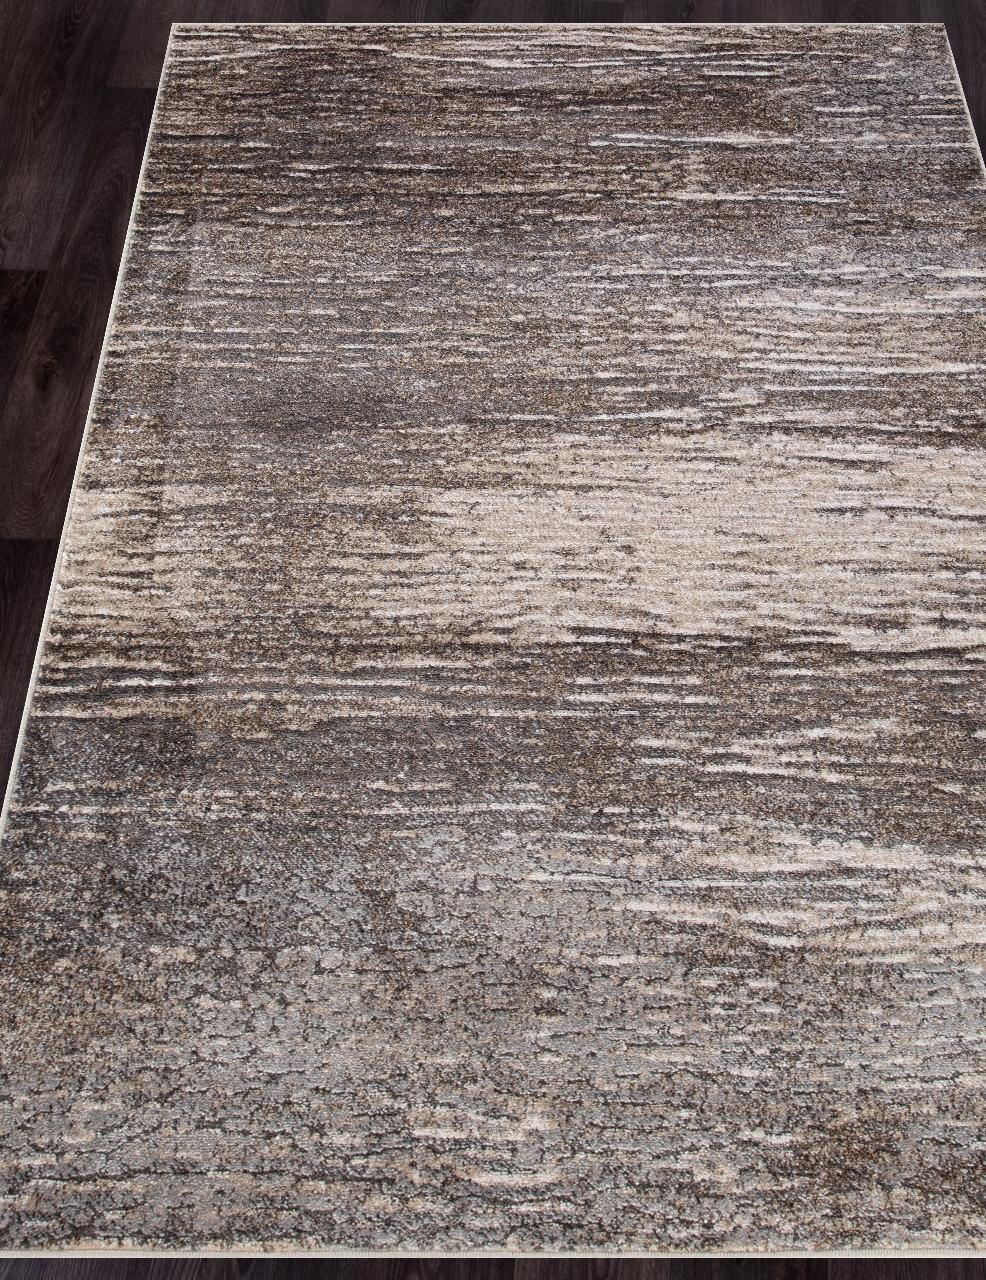 Ковер 4087 - BEIGE-GRAY - Прямоугольник - коллекция IBIZA